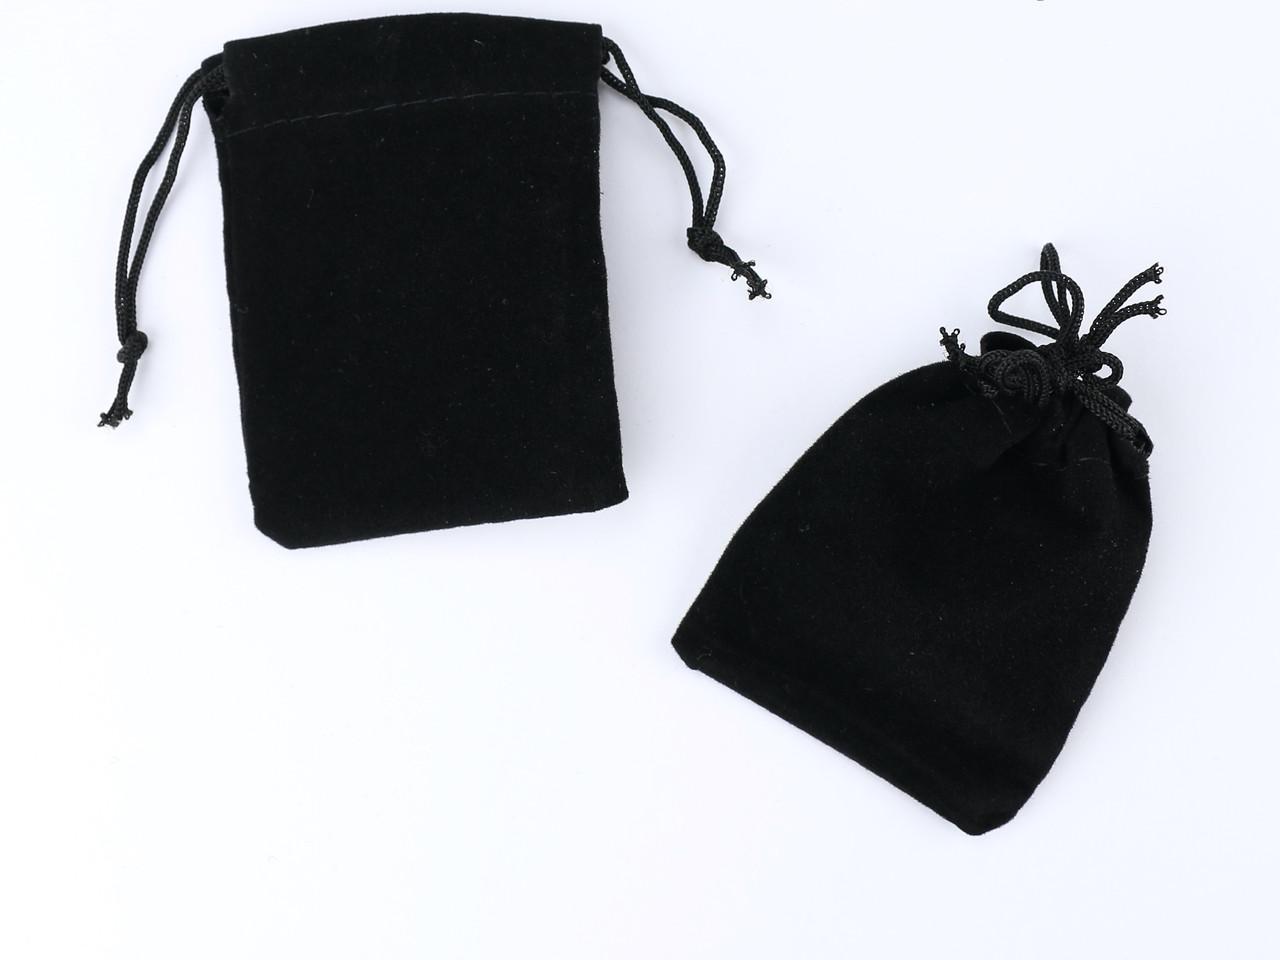 Мешочек для ювелирных украшений Бархатный 5х7 Черный